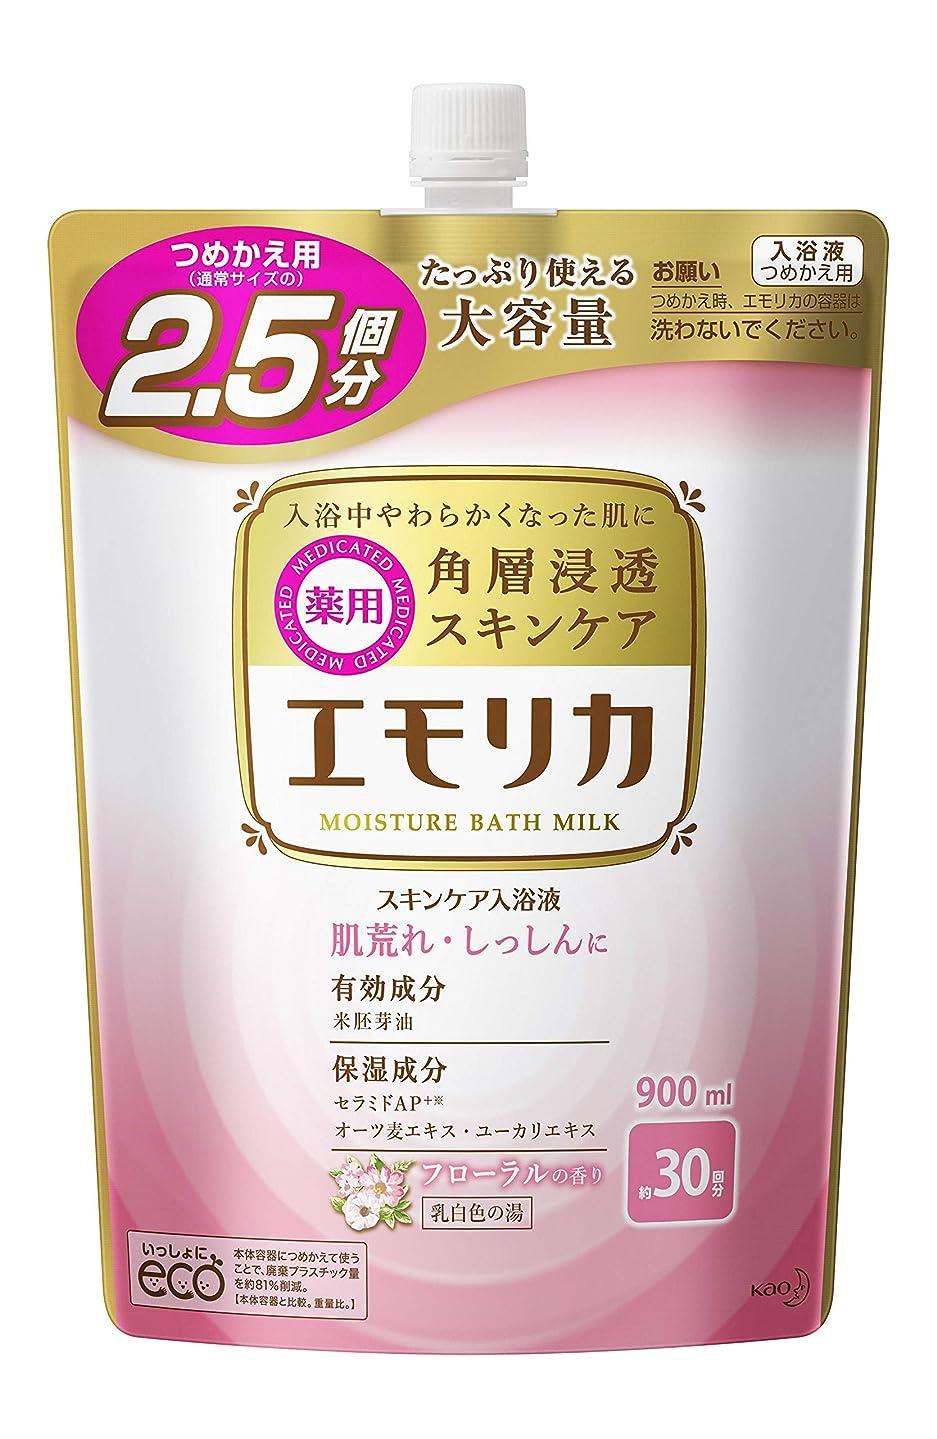 犯罪バリーどう?【大容量】エモリカ 薬用スキンケア入浴液 フローラルの香り つめかえ用900ml 液体 入浴剤 (赤ちゃんにも使えます)